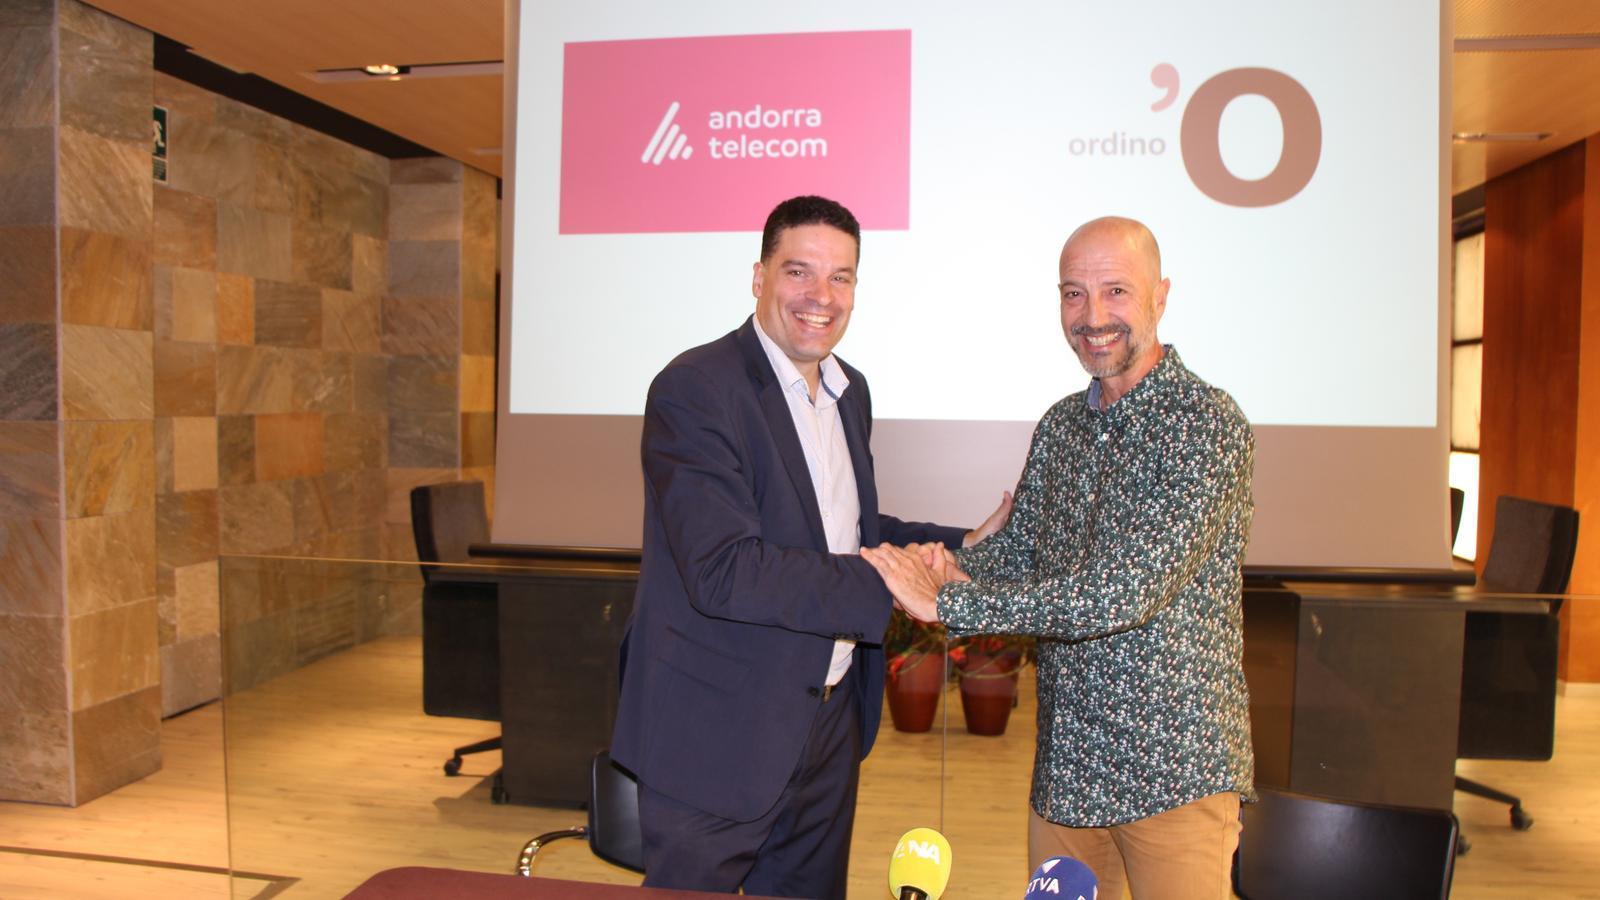 Presentació del projecte 'Ordino Wi-fi 2.0' entre Andorra Telecom i el comú. / A.S.